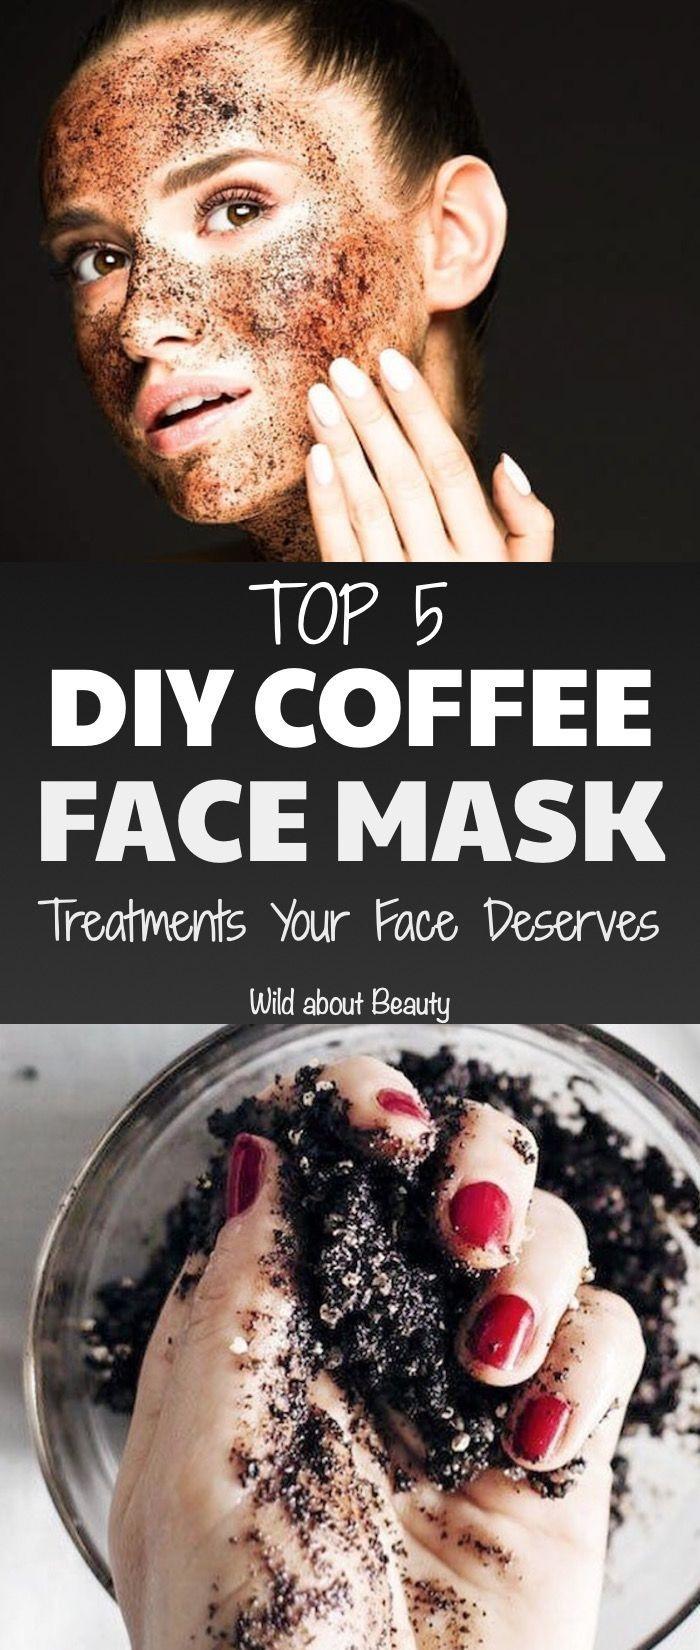 Top 5 DIY Kaffee Gesichtsmaske Behandlungen Ihr Gesicht verdient. #diy #diymask #diycof ...